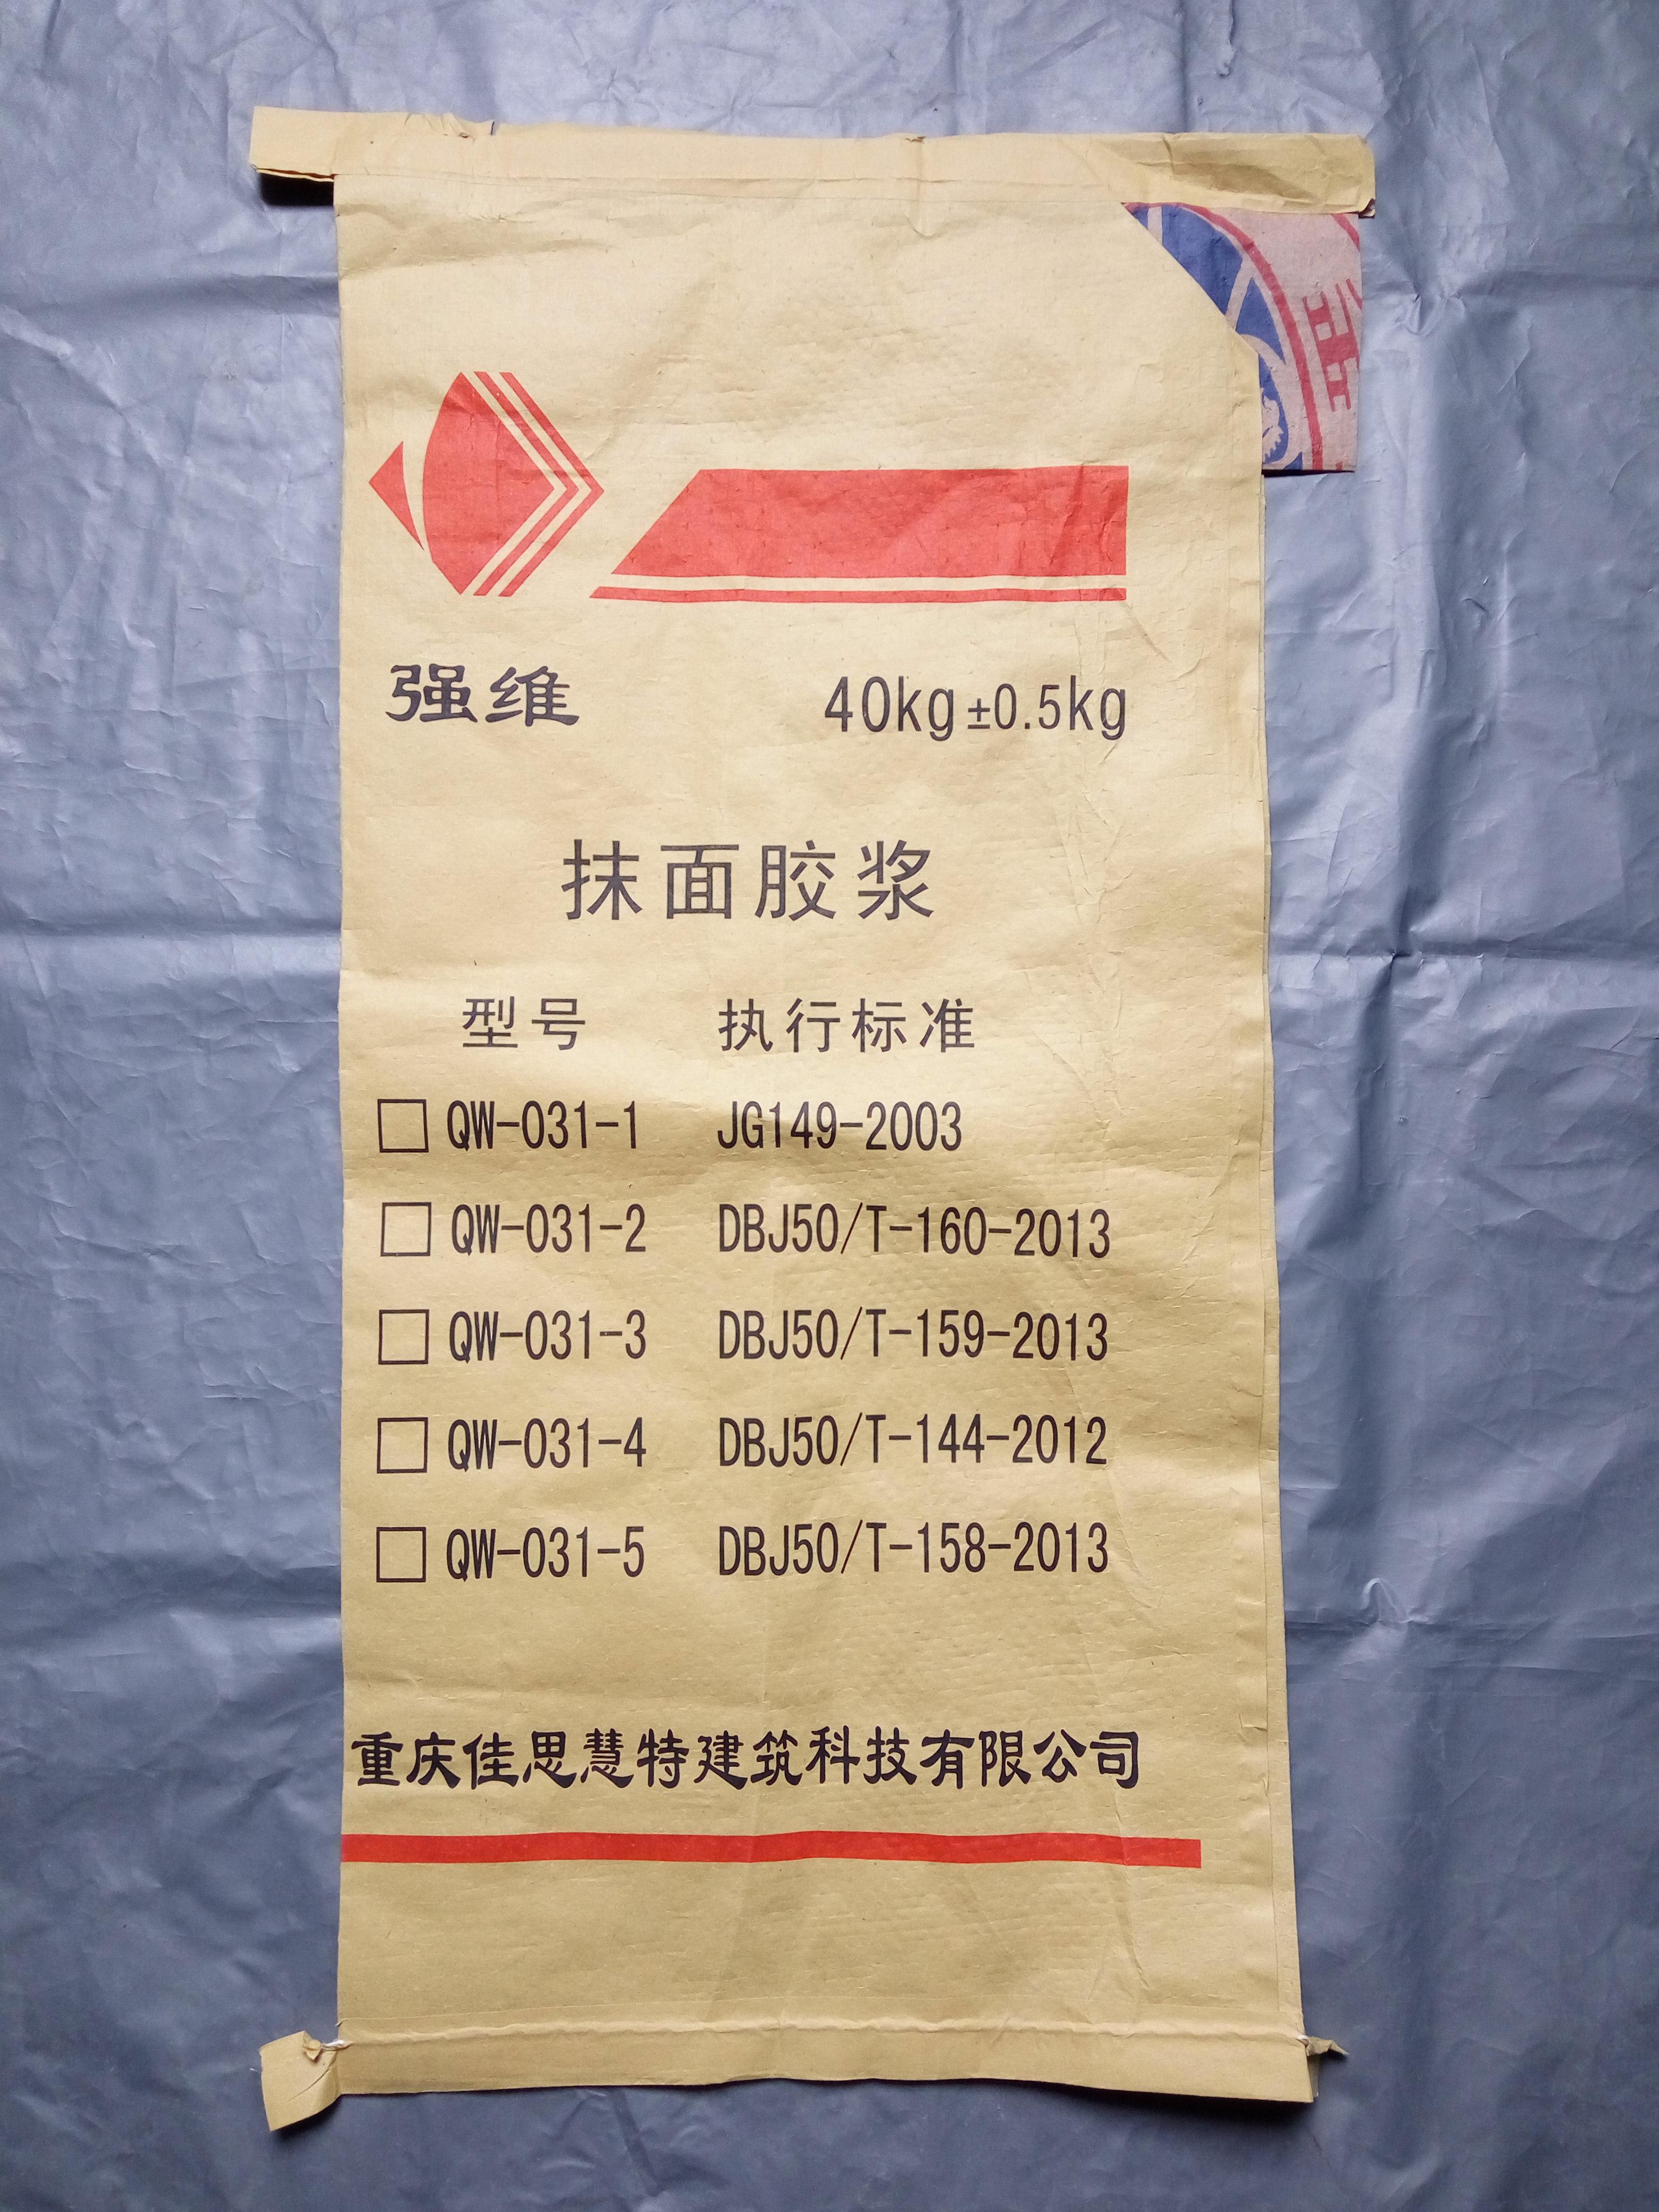 纸塑袋 纸复袋 牛皮纸袋成都纸复袋批发纸复袋厂家价格纸复袋供应